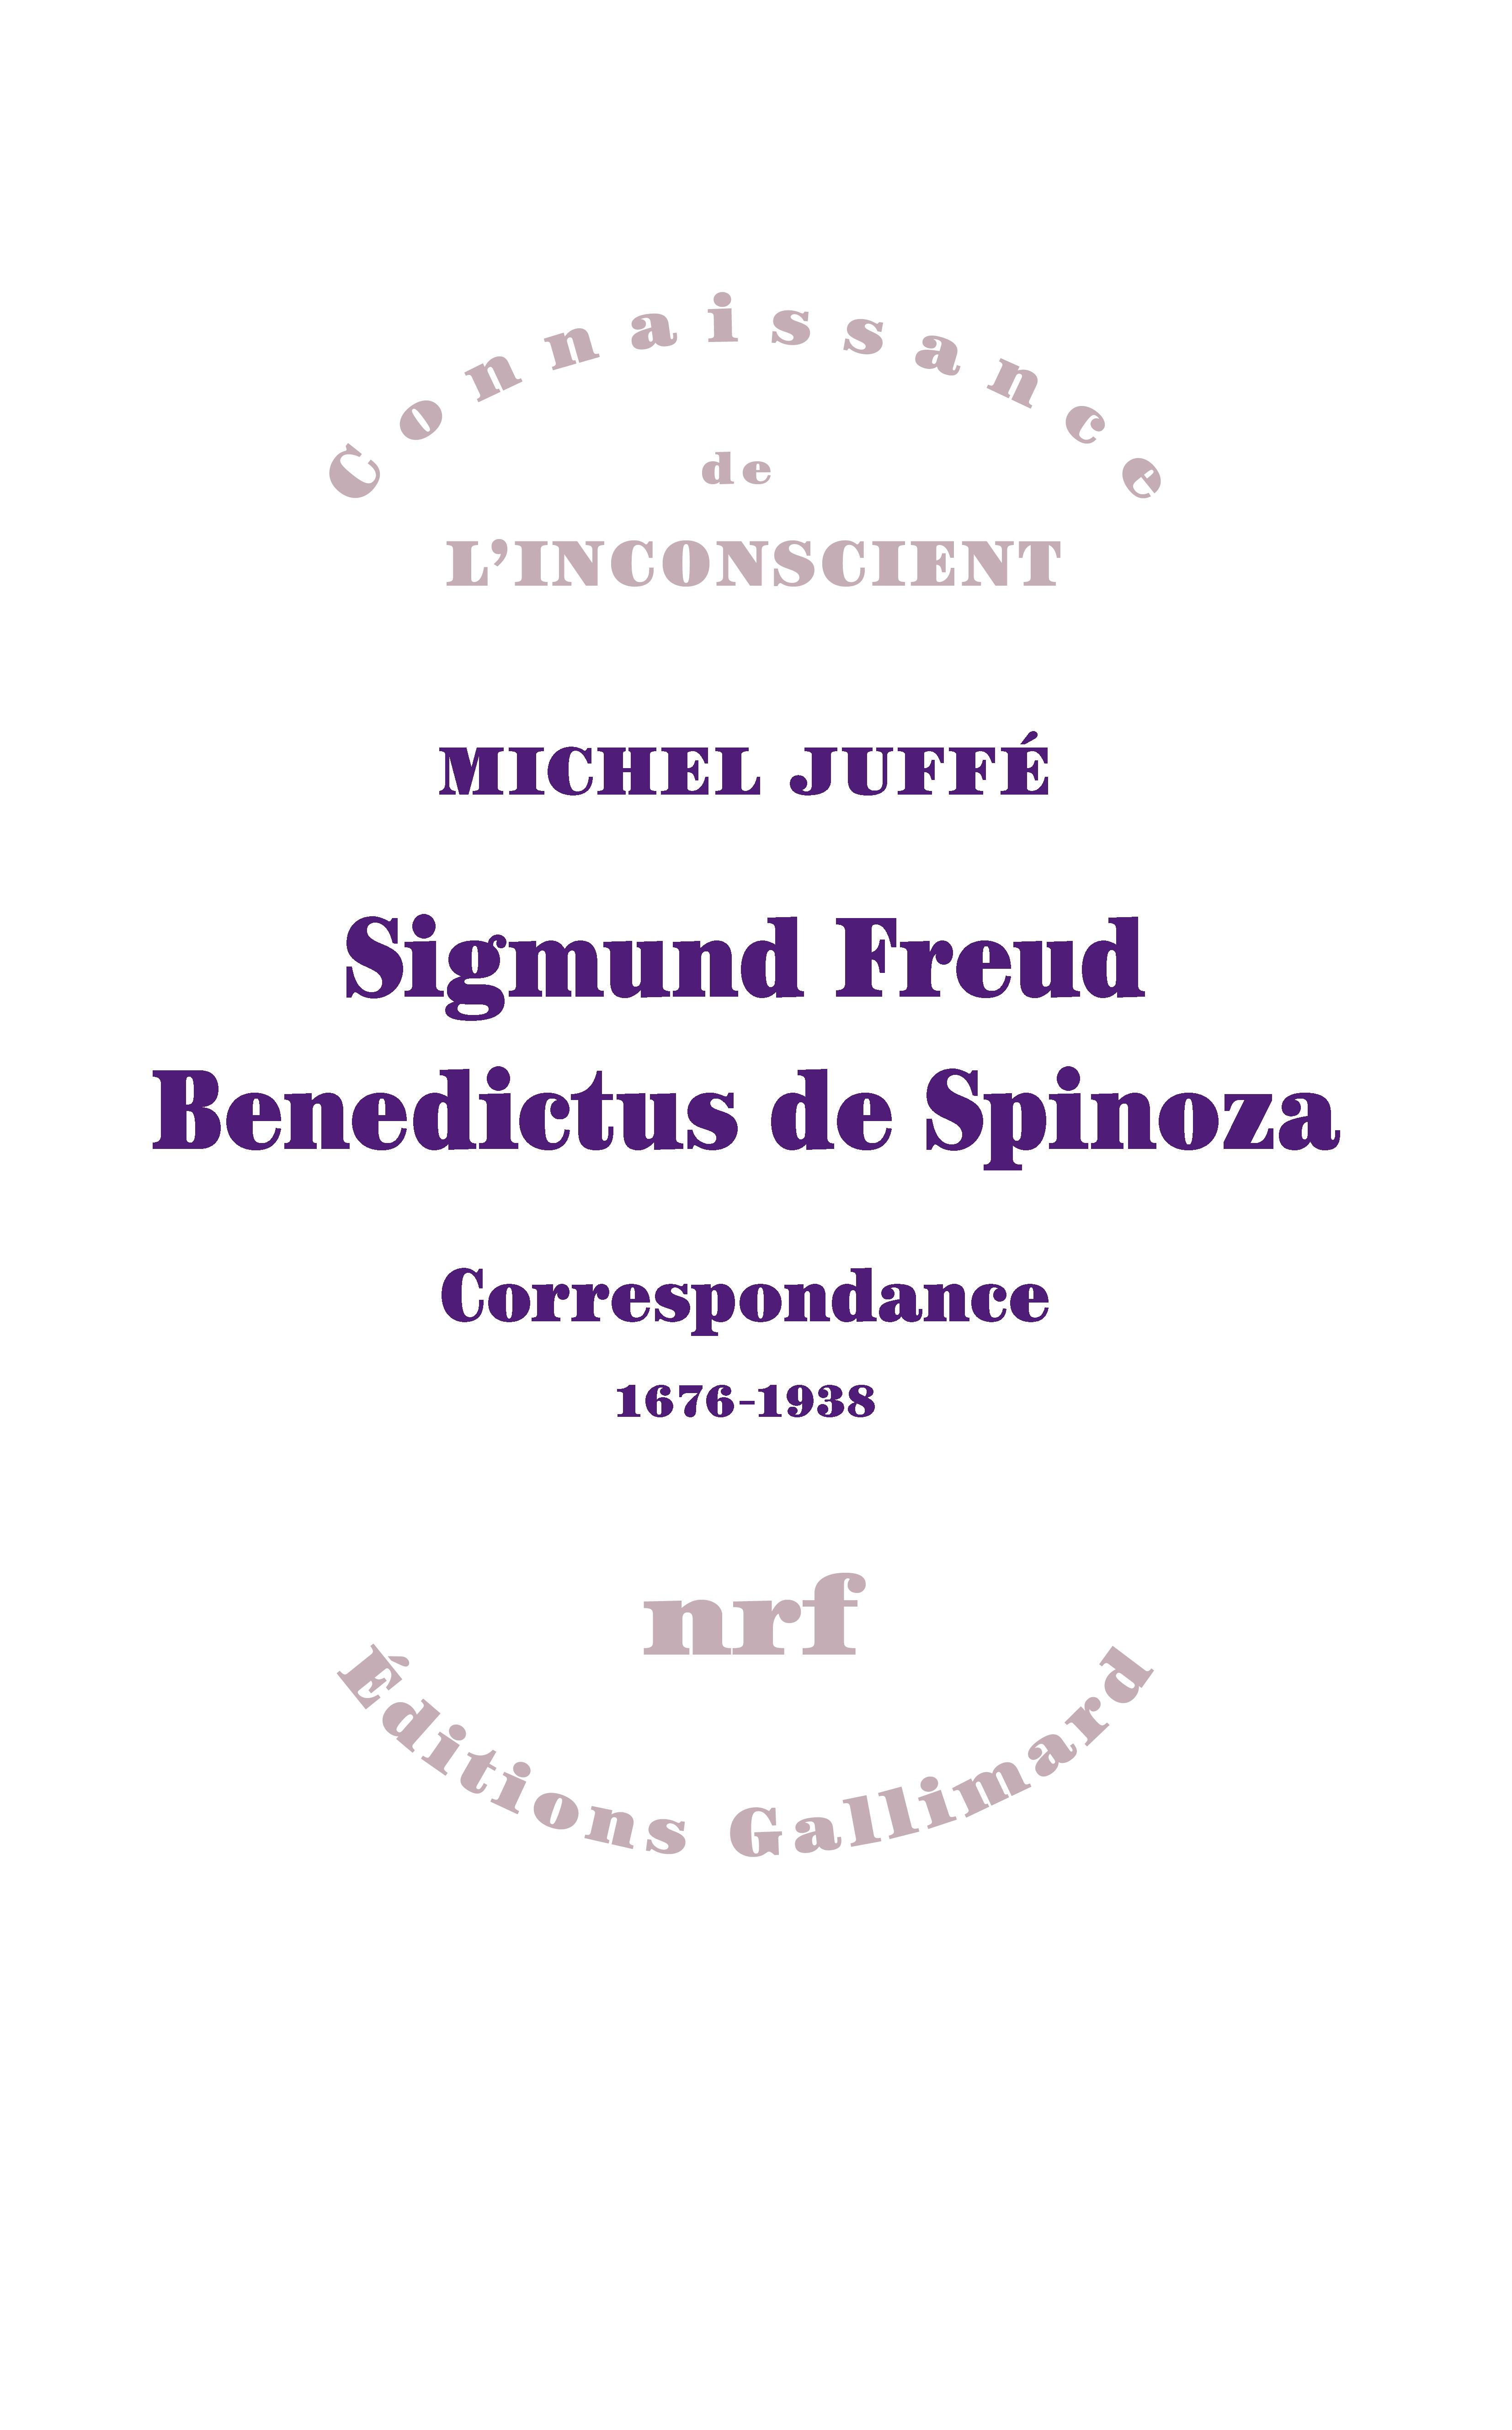 Sigmund Freud - Benedictus de Spinoza. Correspondance 1676-1938